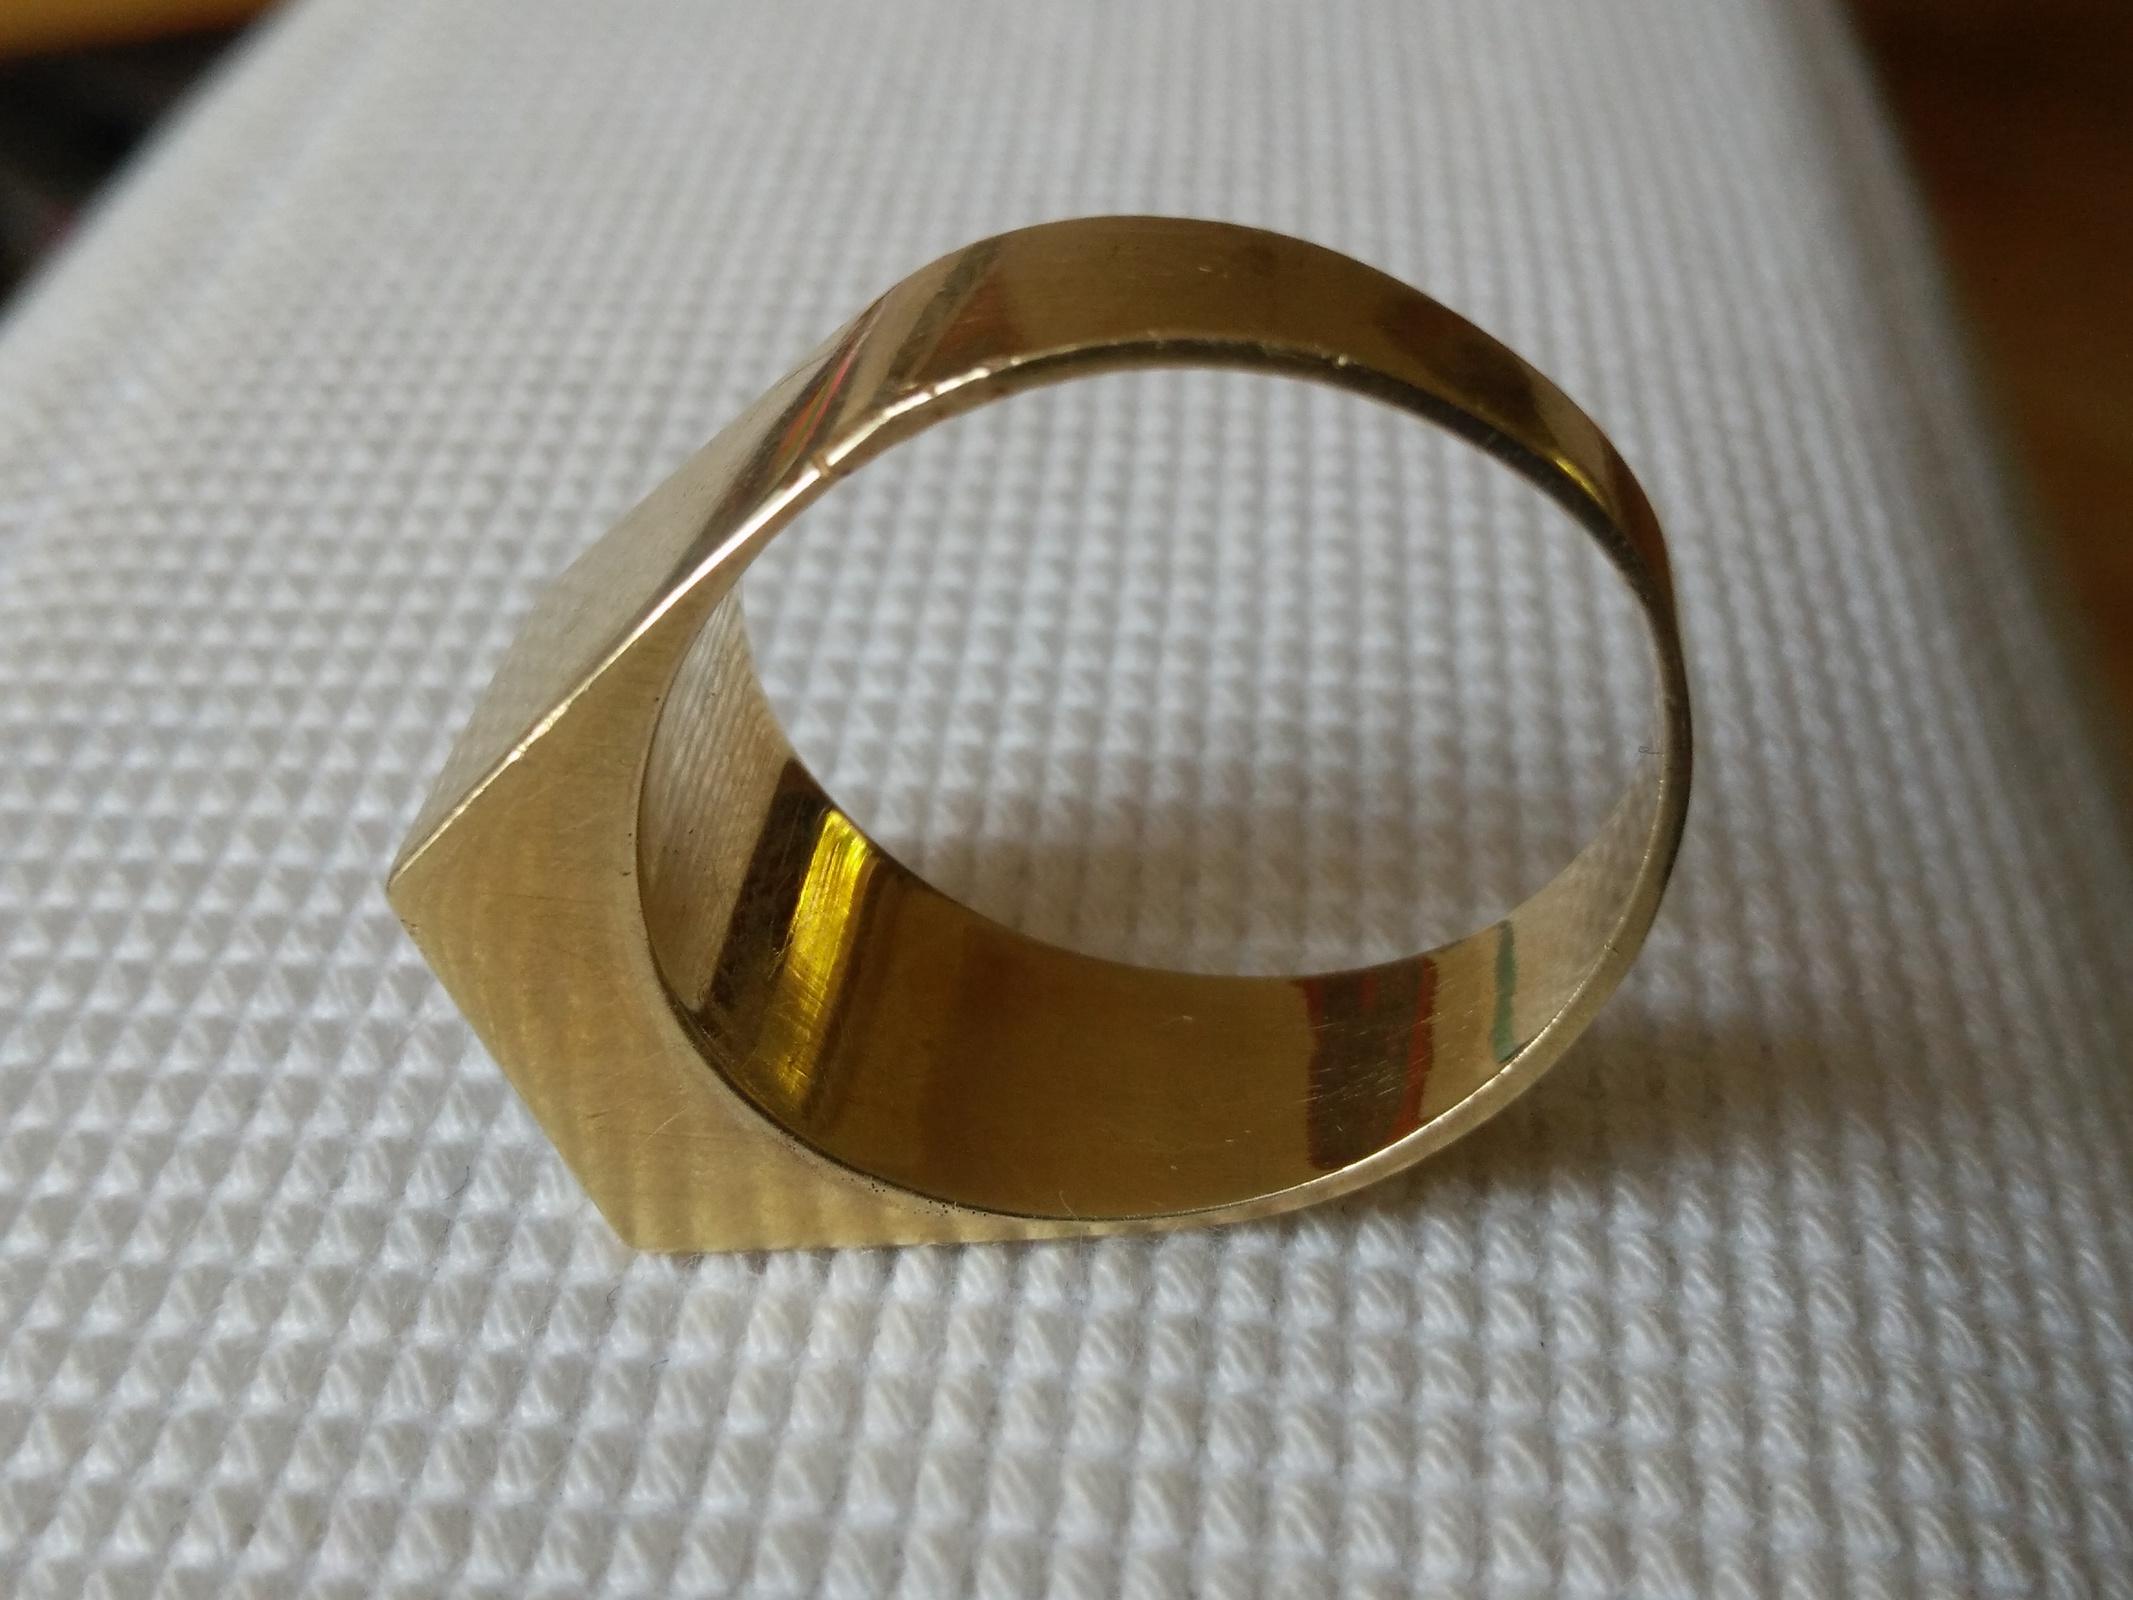 fund roxy punze in altem siegelring herrenring gold 585 uhrforum. Black Bedroom Furniture Sets. Home Design Ideas